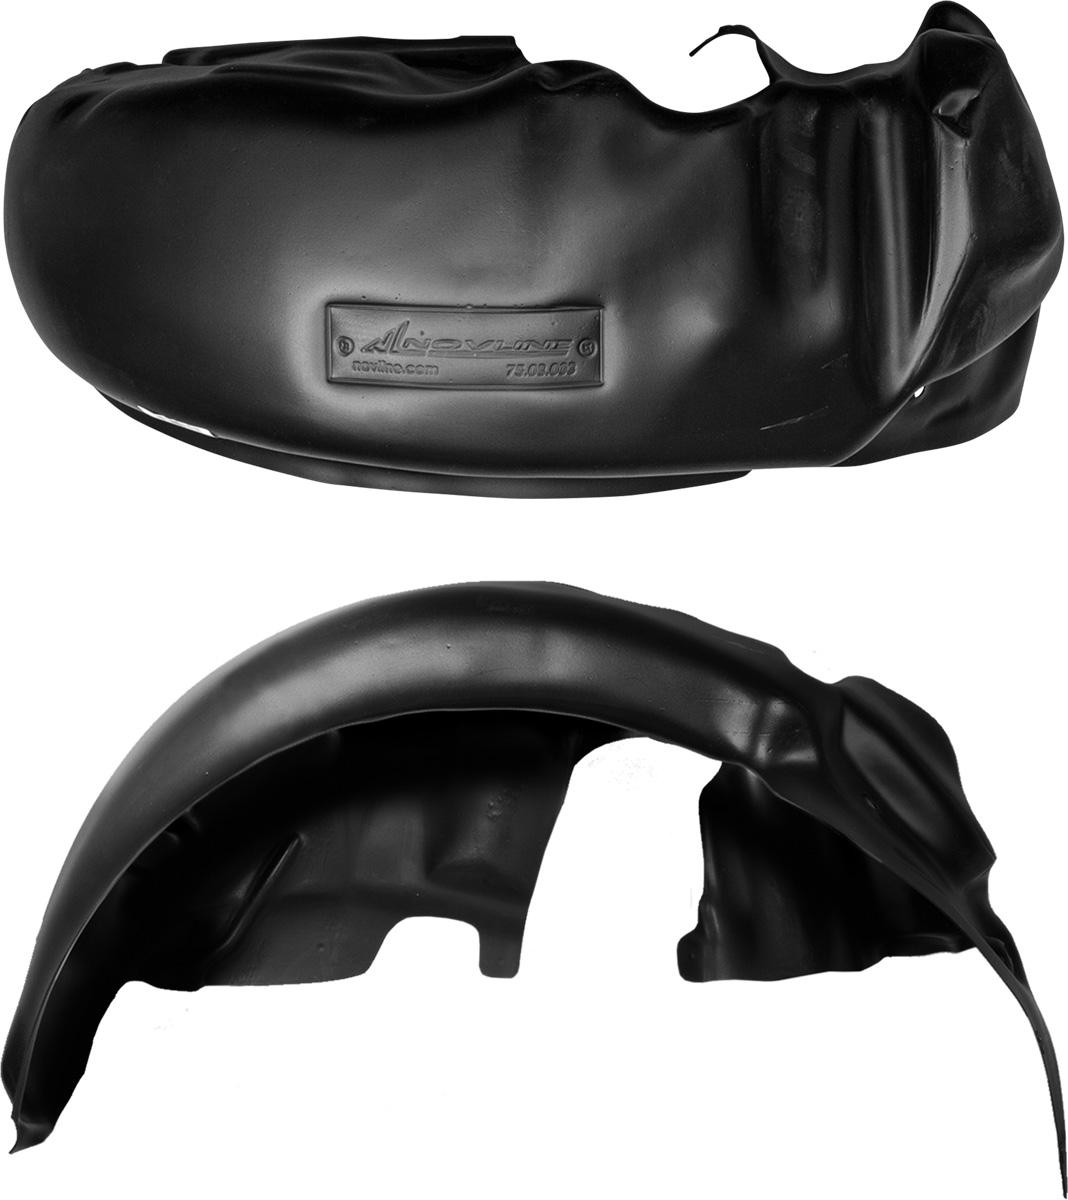 Подкрылок Novline-Autofamily, для Mitsubishi L200, 2007, 2010-> с расширителями арок, передний правыйNLL.35.15.002Колесные ниши - одни из самых уязвимых зон днища вашего автомобиля. Они постоянно подвергаются воздействию со стороны дороги. Лучшая, почти абсолютная защита для них - специально отформованные пластиковые кожухи, которые называются подкрылками. Производятся они как для отечественных моделей автомобилей, так и для иномарок. Подкрылки Novline-Autofamily выполнены из высококачественного, экологически чистого пластика. Обеспечивают надежную защиту кузова автомобиля от пескоструйного эффекта и негативного влияния, агрессивных антигололедных реагентов. Пластик обладает более низкой теплопроводностью, чем металл, поэтому в зимний период эксплуатации использование пластиковых подкрылков позволяет лучше защитить колесные ниши от налипания снега и образования наледи. Оригинальность конструкции подчеркивает элегантность автомобиля, бережно защищает нанесенное на днище кузова антикоррозийное покрытие и позволяет осуществить крепление подкрылков внутри колесной арки практически без дополнительного крепежа и сверления, не нарушая при этом лакокрасочного покрытия, что предотвращает возникновение новых очагов коррозии. Подкрылки долговечны, обладают высокой прочностью и сохраняют заданную форму, а также все свои физико-механические характеристики в самых тяжелых климатических условиях (от -50°С до +50°С).Уважаемые клиенты!Обращаем ваше внимание, на тот факт, что подкрылок имеет форму, соответствующую модели данного автомобиля. Фото служит для визуального восприятия товара.